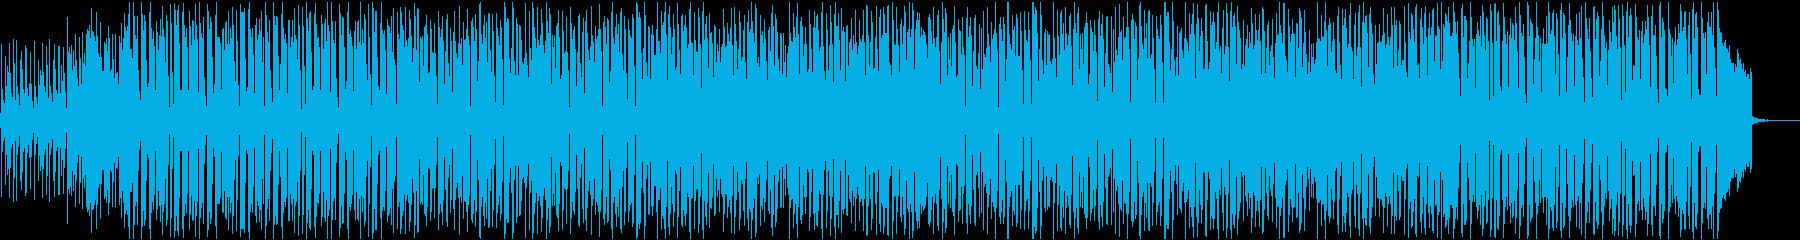 オバケ・こわい・コミカル・ジャズの再生済みの波形